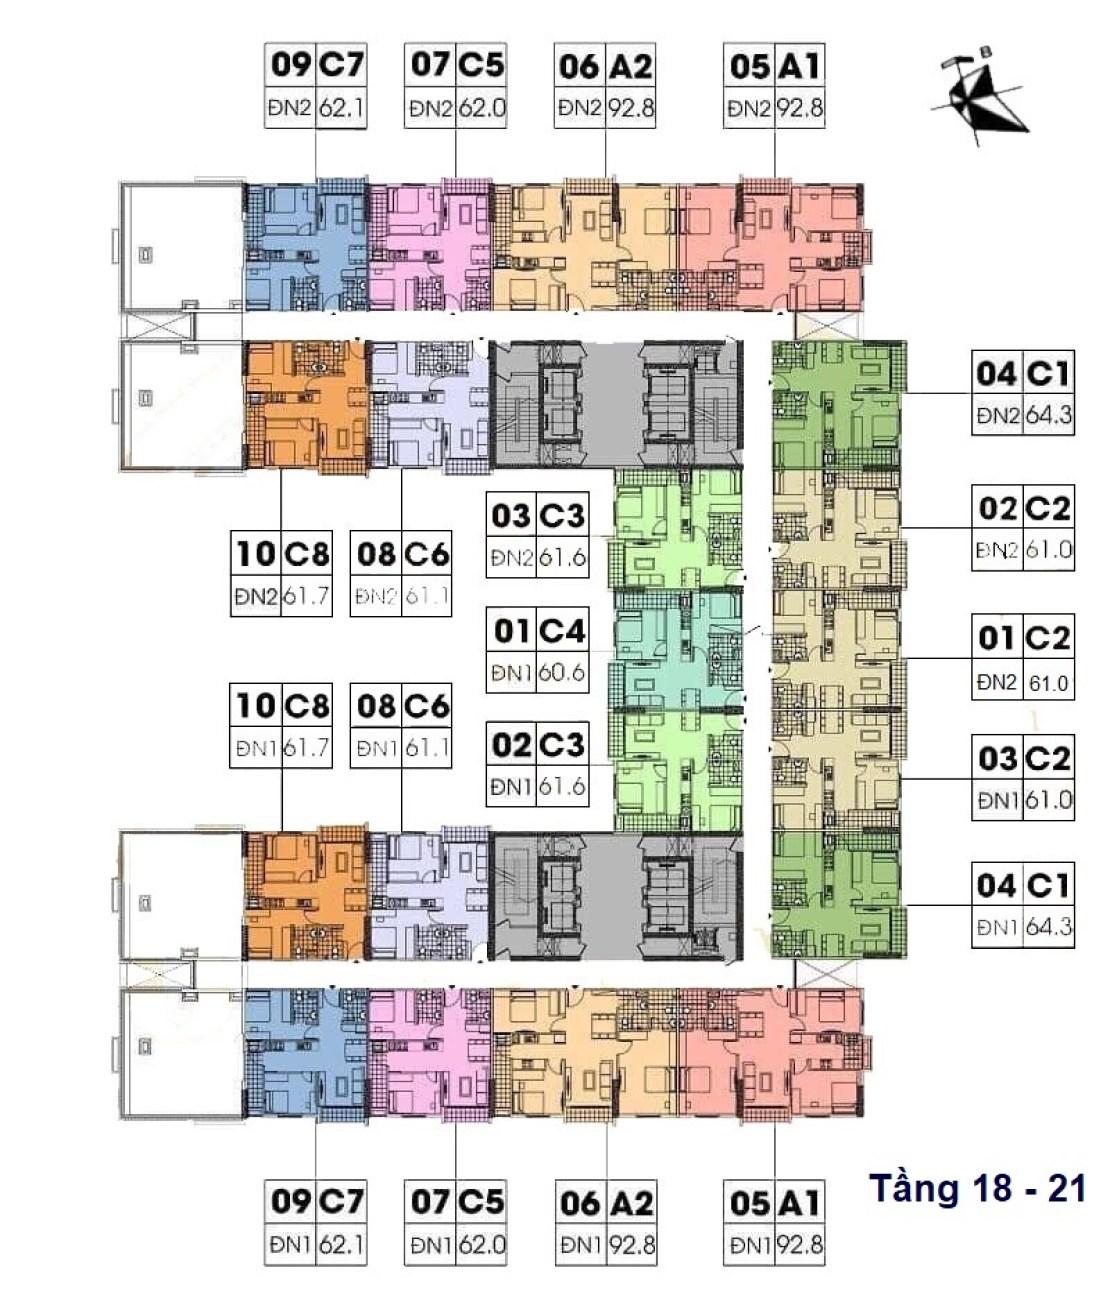 mặt bằng chung cư geleximco southern star giải phóng tầng 18 - 21